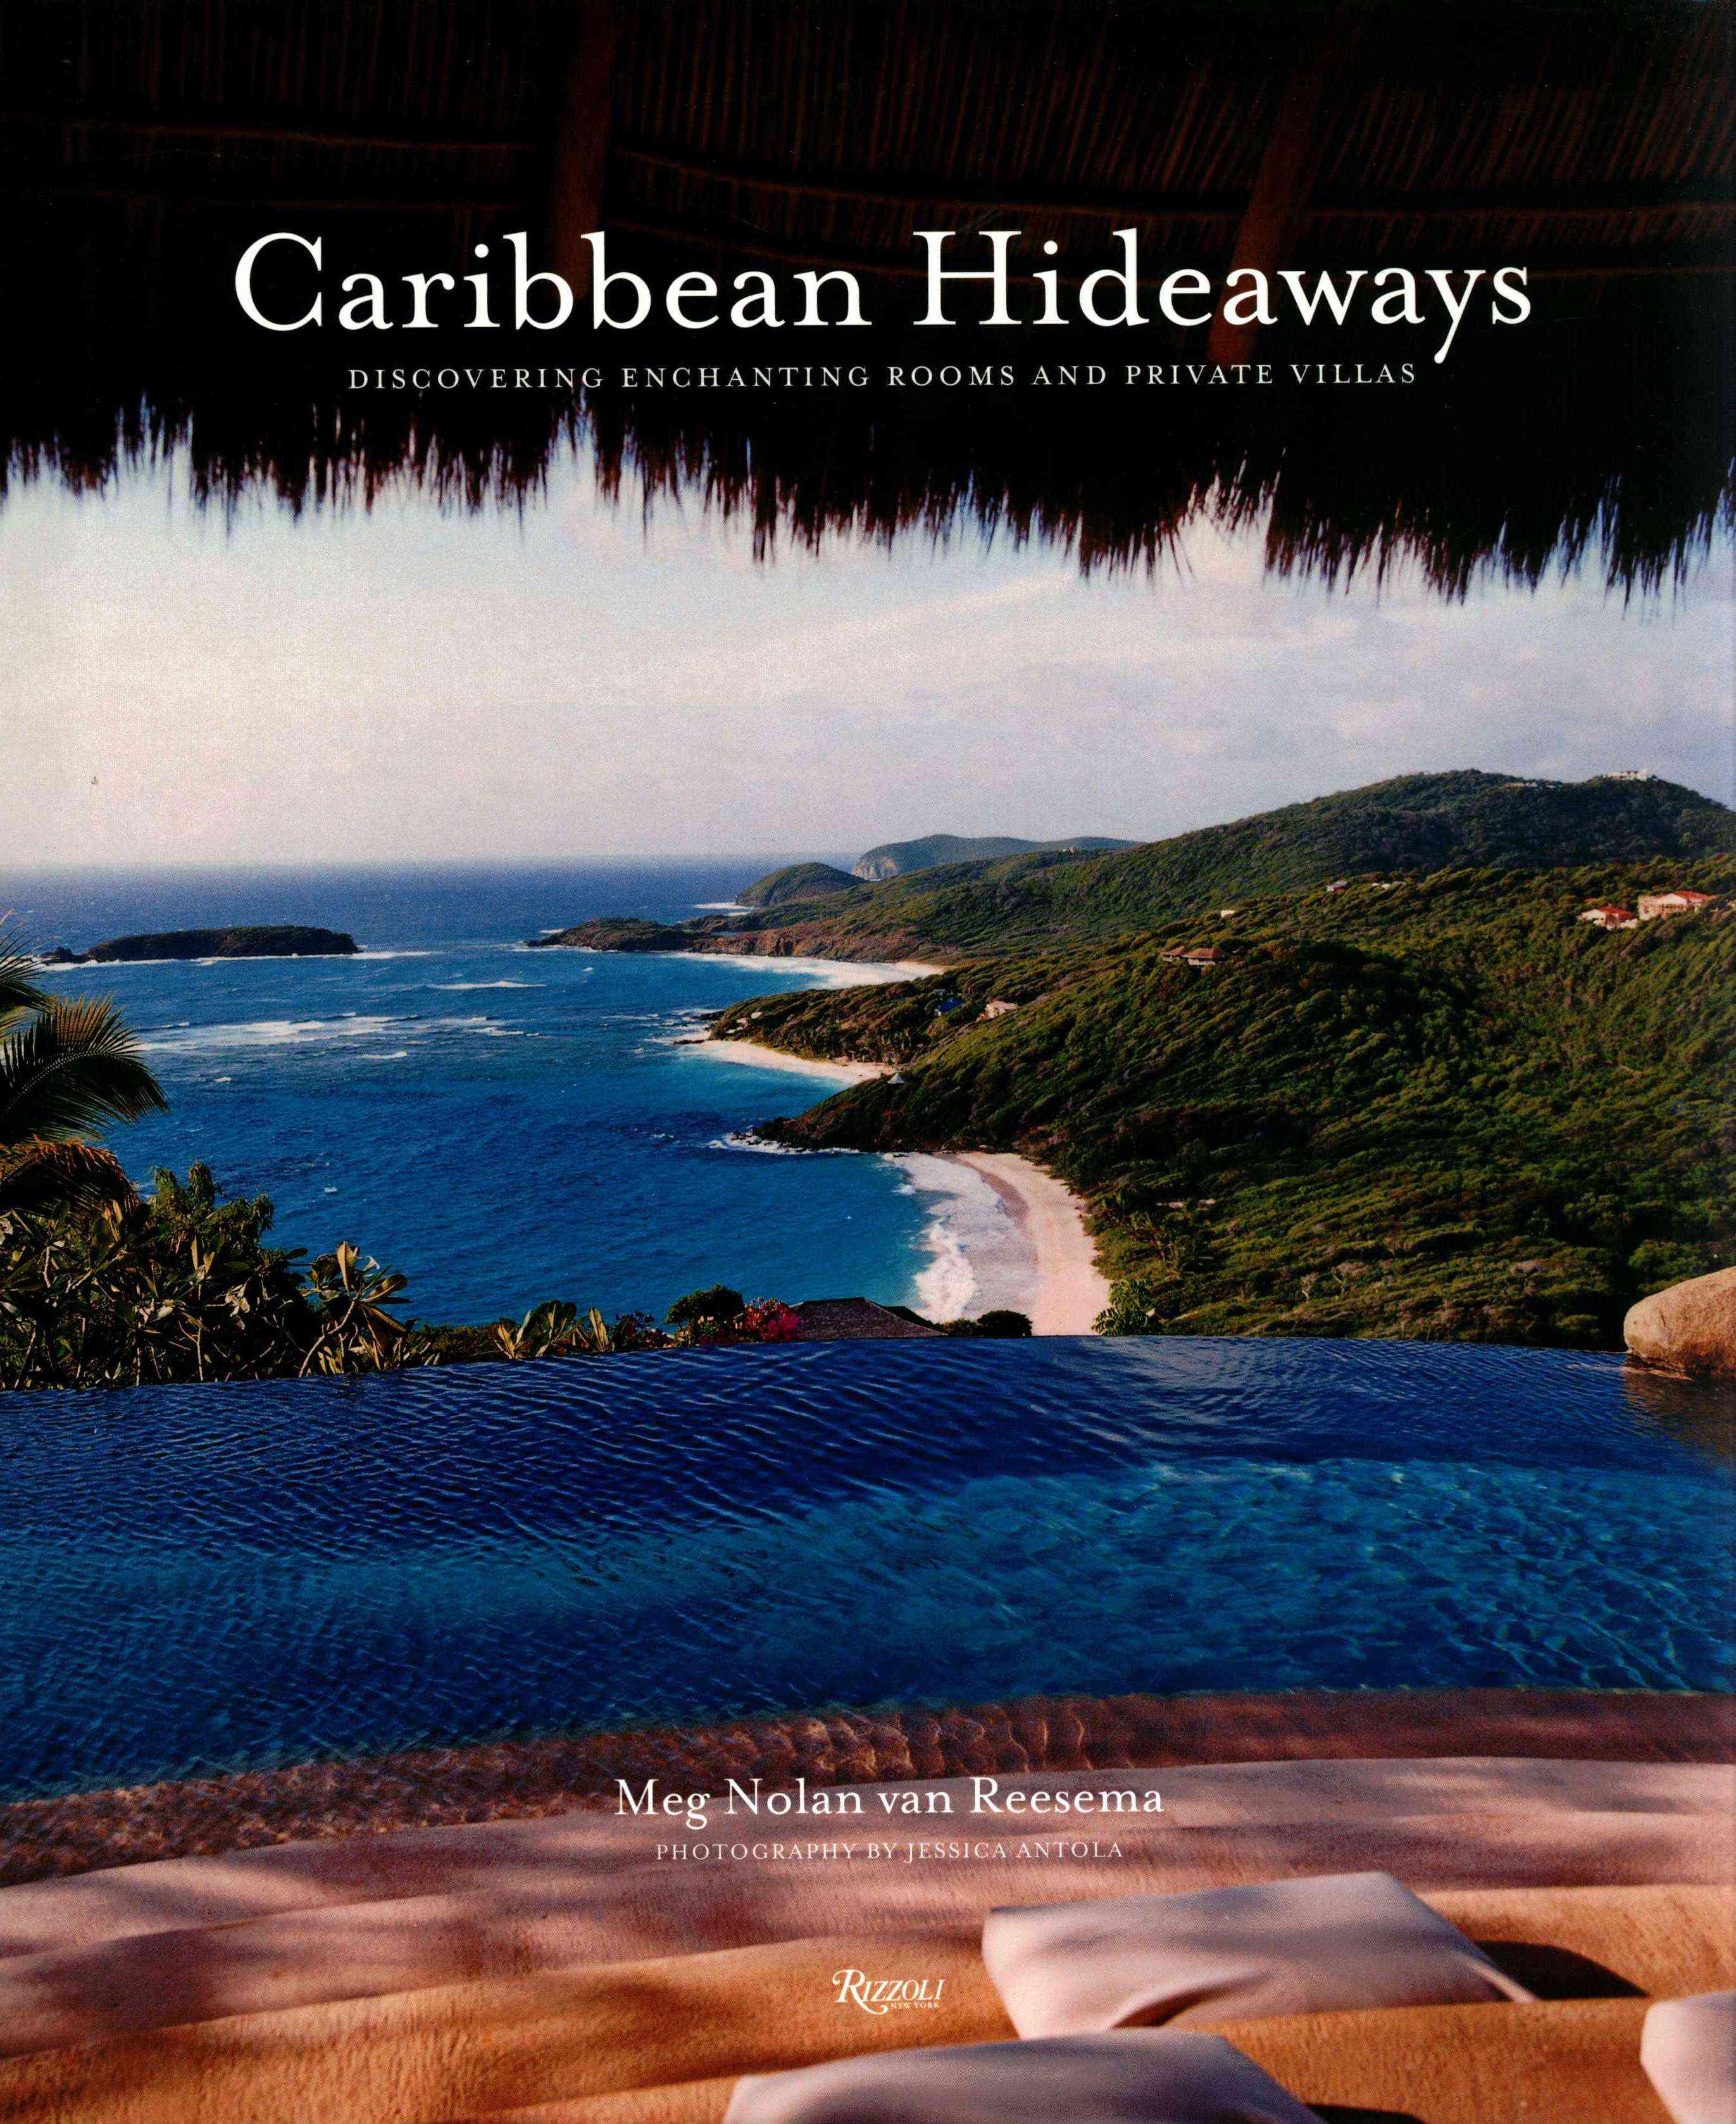 Caribbean Hideaways By Van Reesema, Meg Nolan/ Antola, Jessica (PHT)